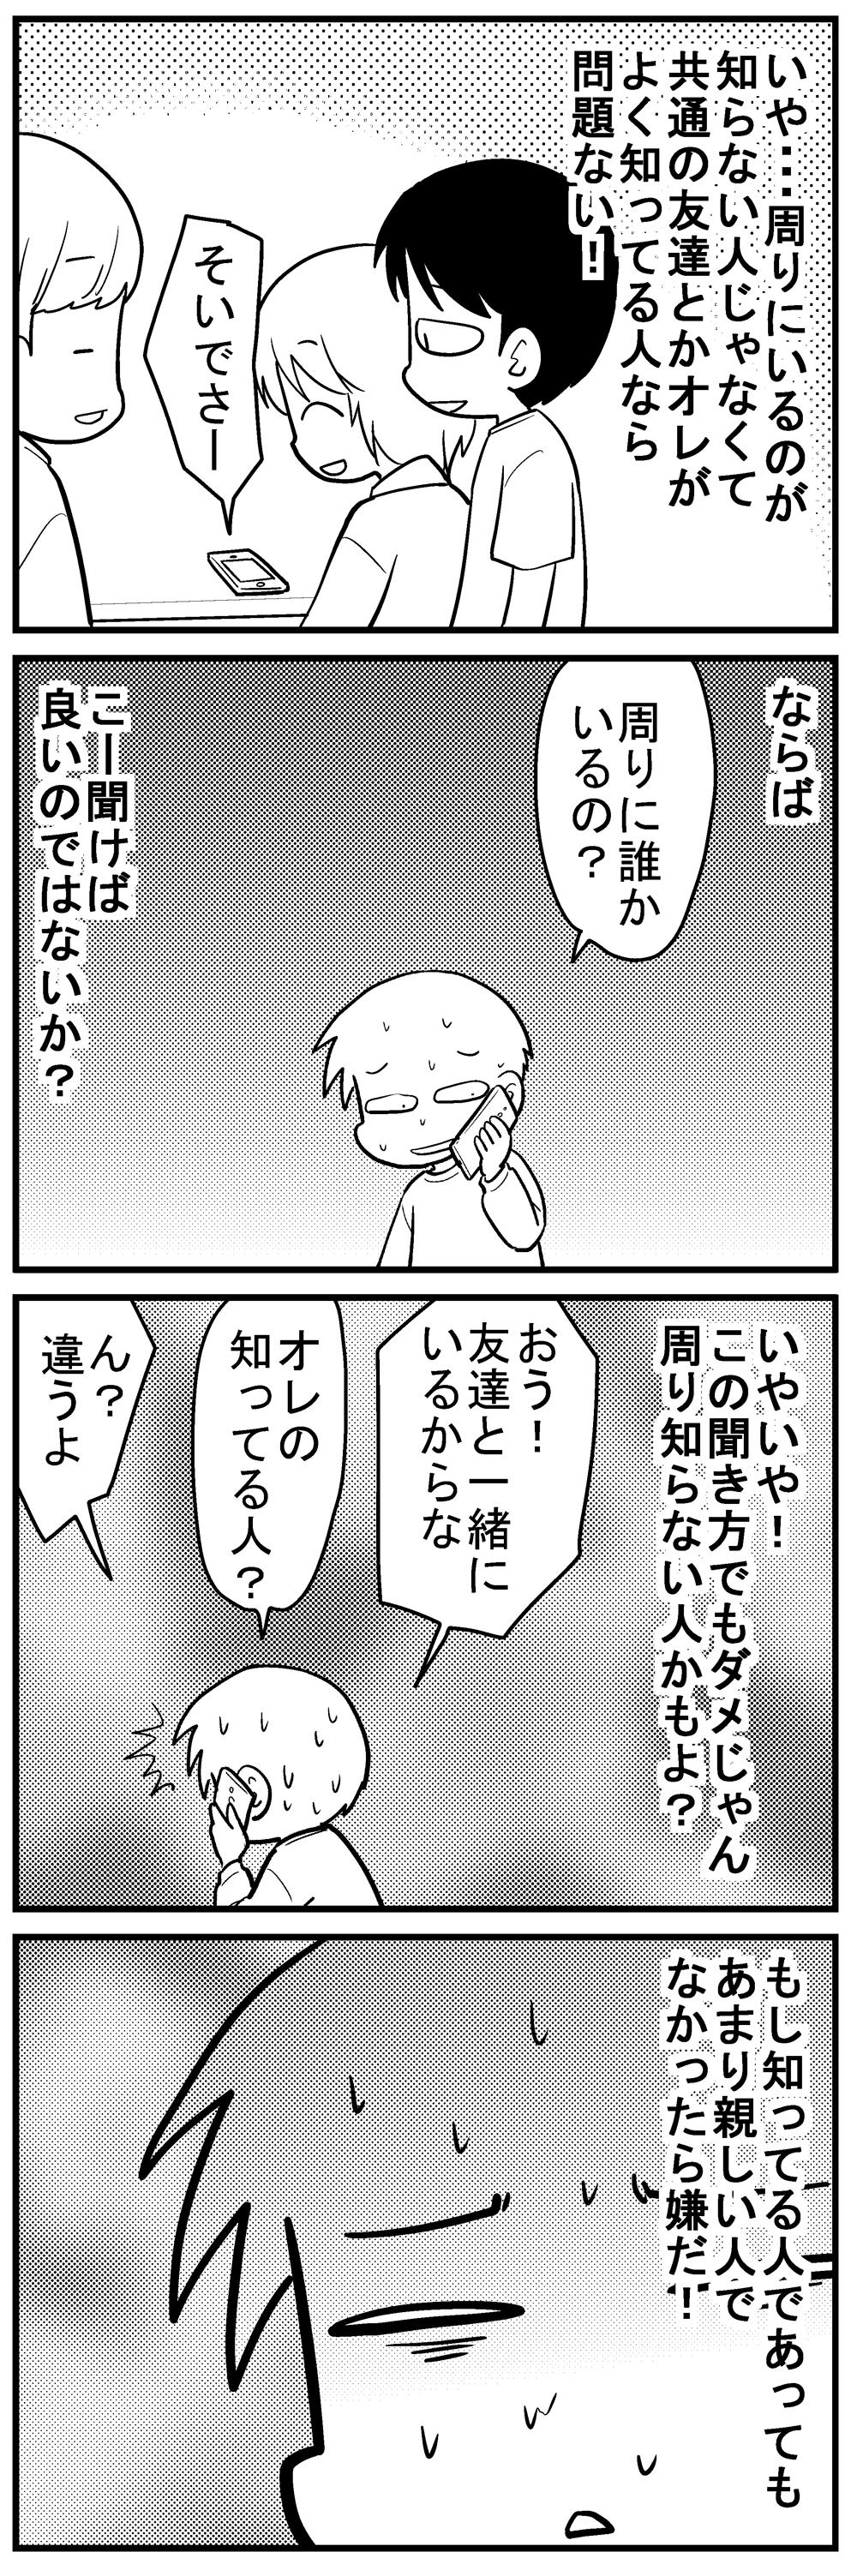 深読みくん127-3